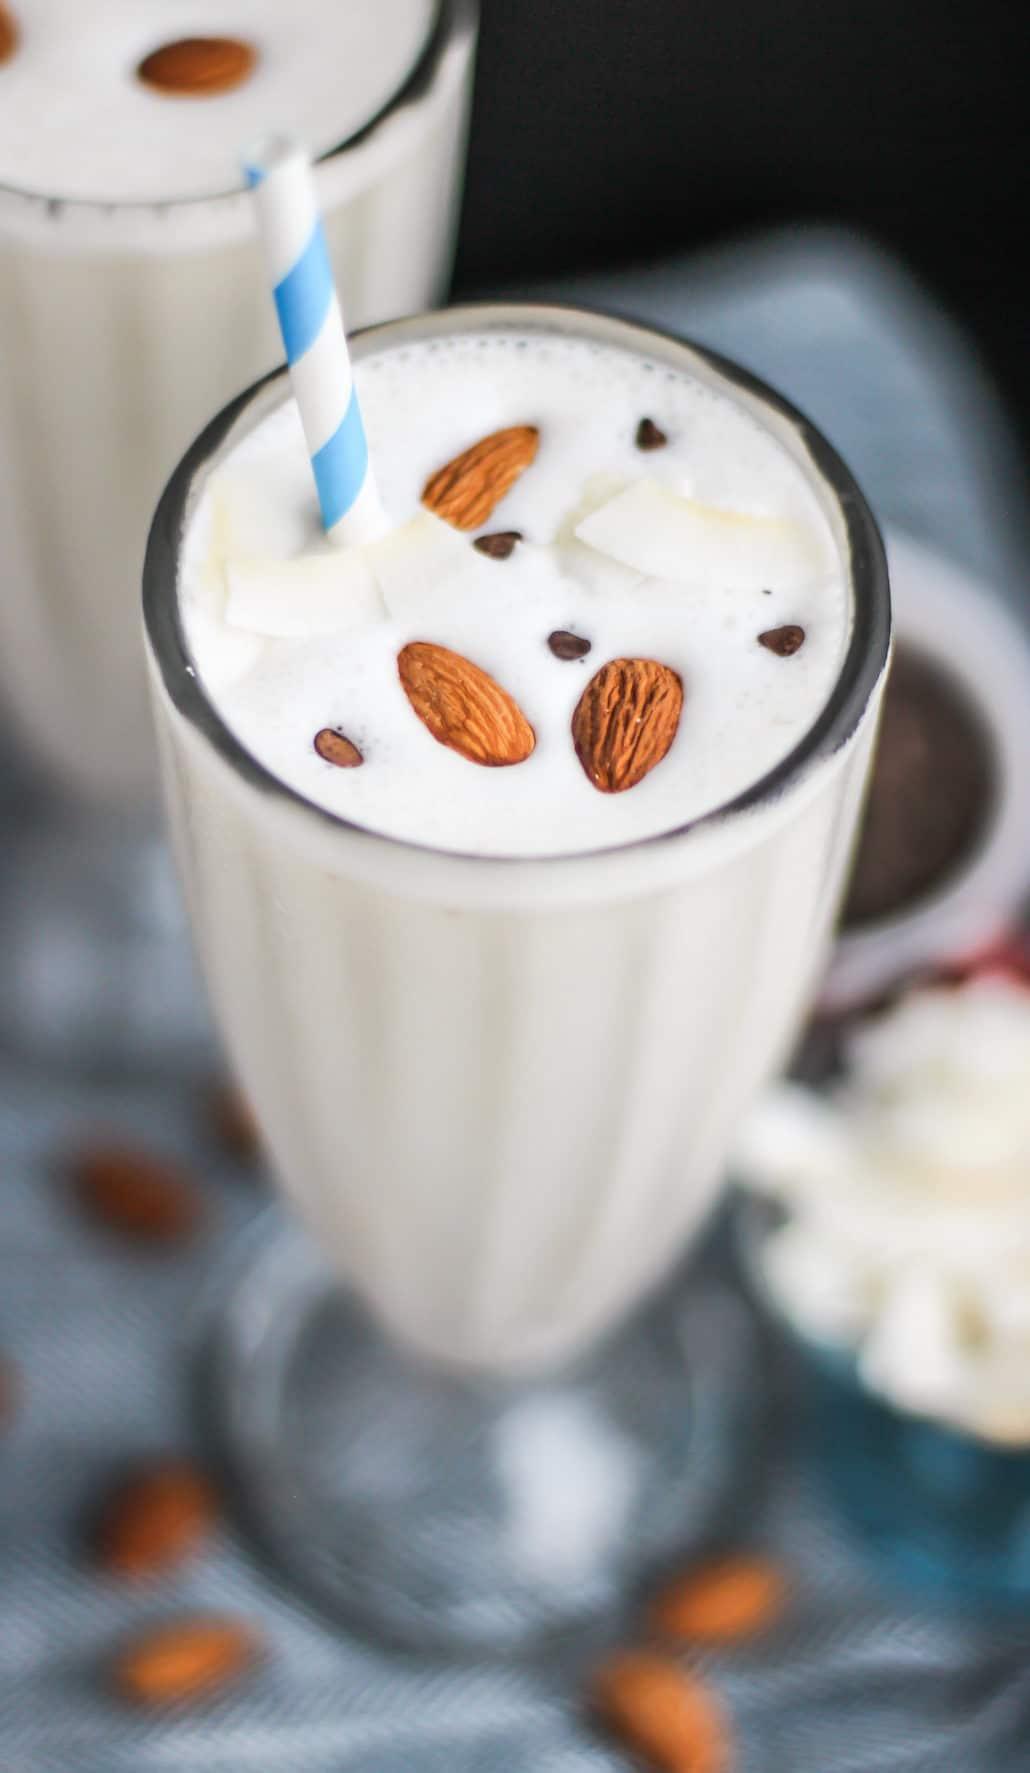 Healthy Almond Joy Milkshake (sugar free, high protein) - Desserts with Benefits